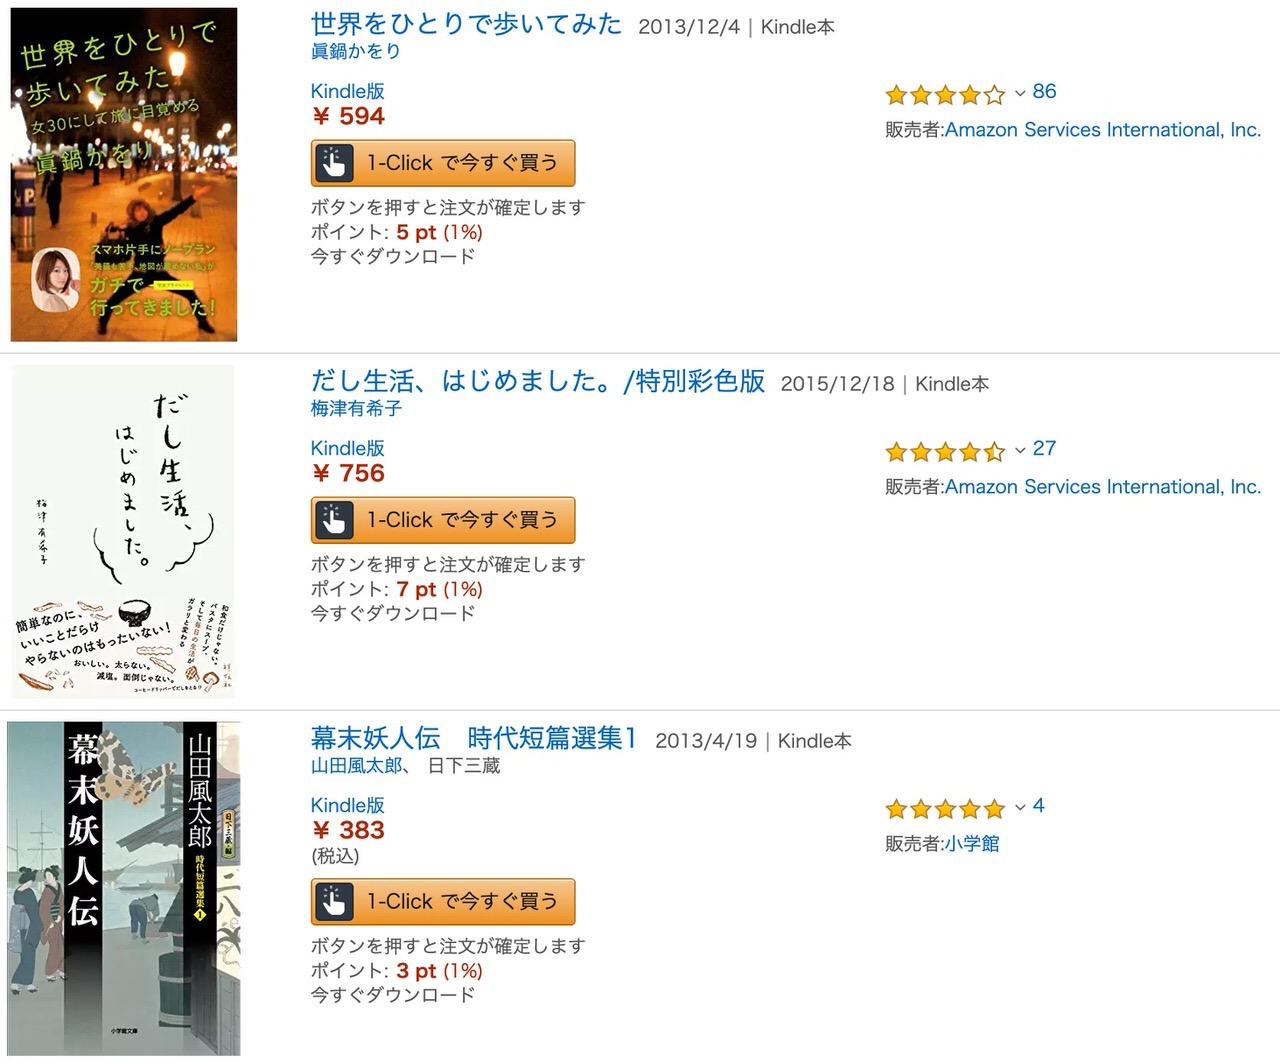 【Kindleセール】50%オフ以上!「小学館・祥伝社 SSスーパービッグフェア!第一弾 歴史・時代小説」(5/23まで)